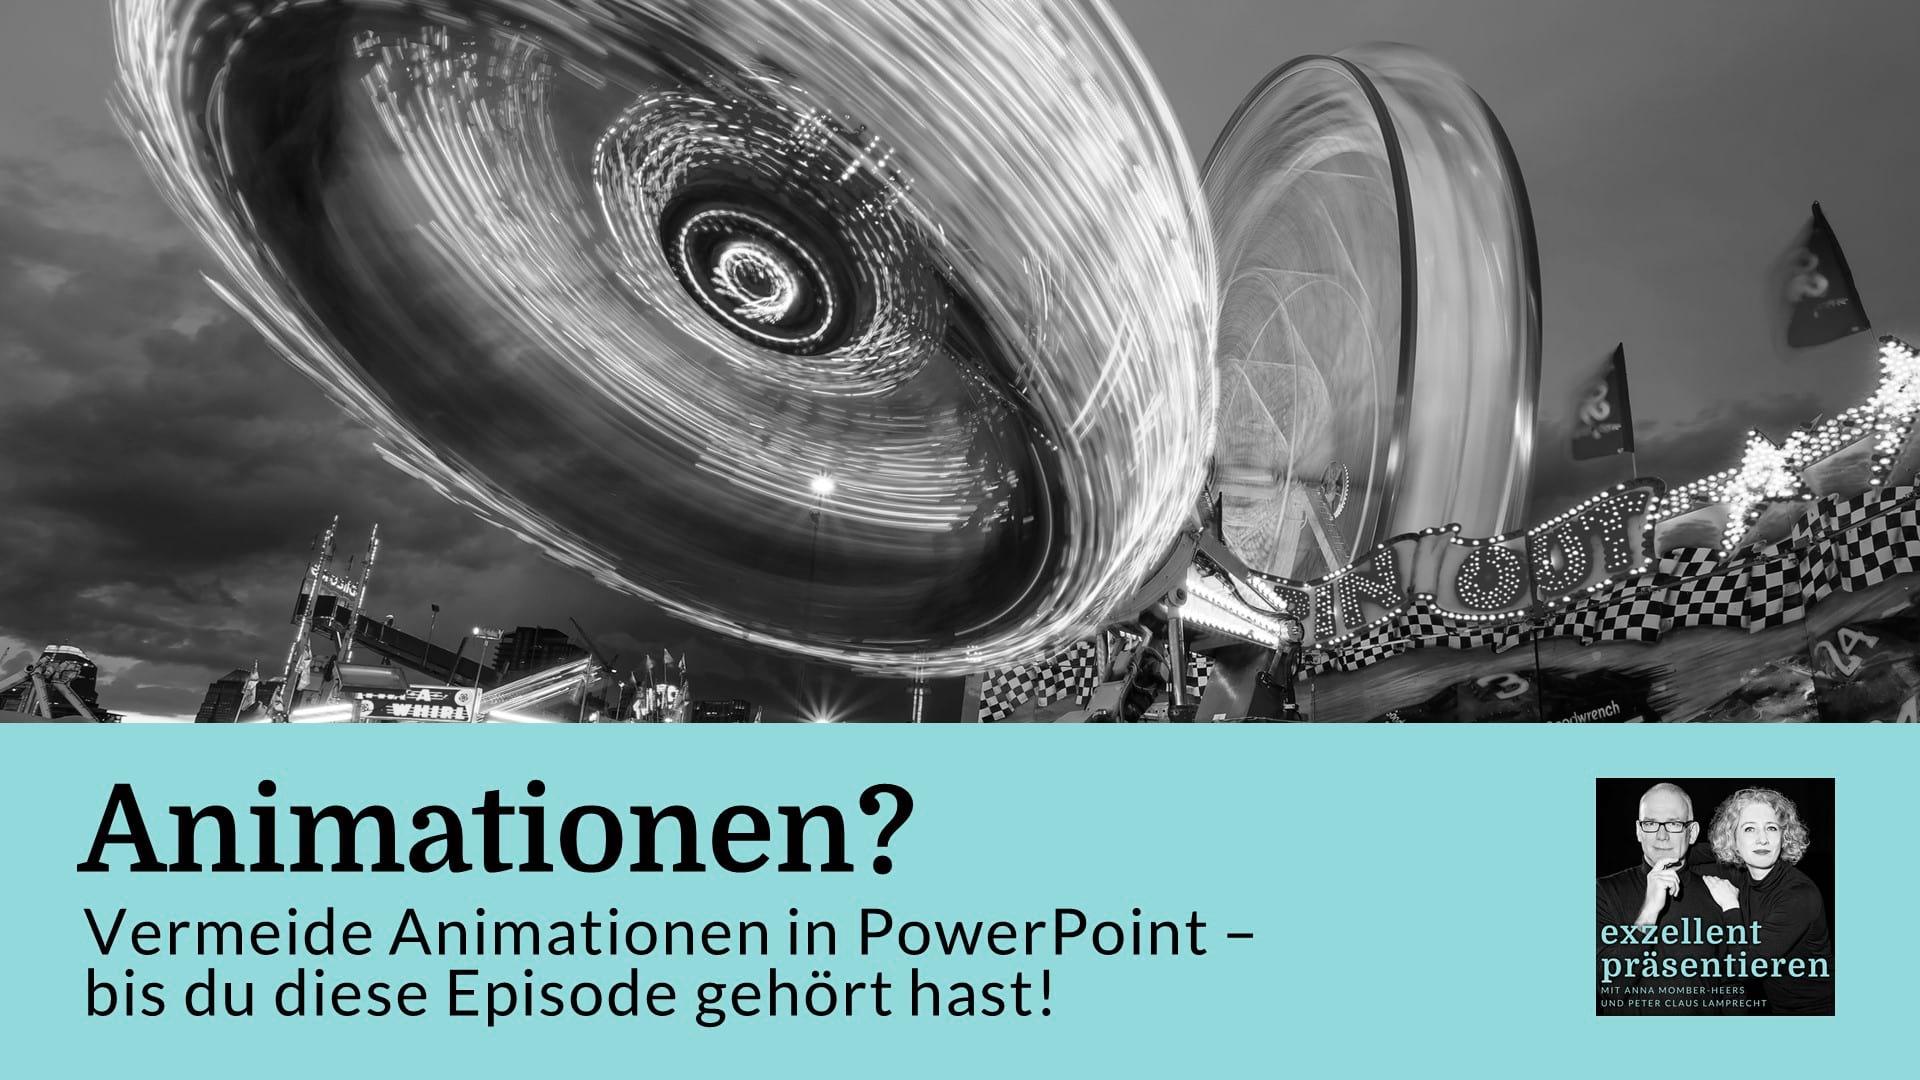 Vermeide Animationen in PowerPoint - bis du diese Episode gehört hast!